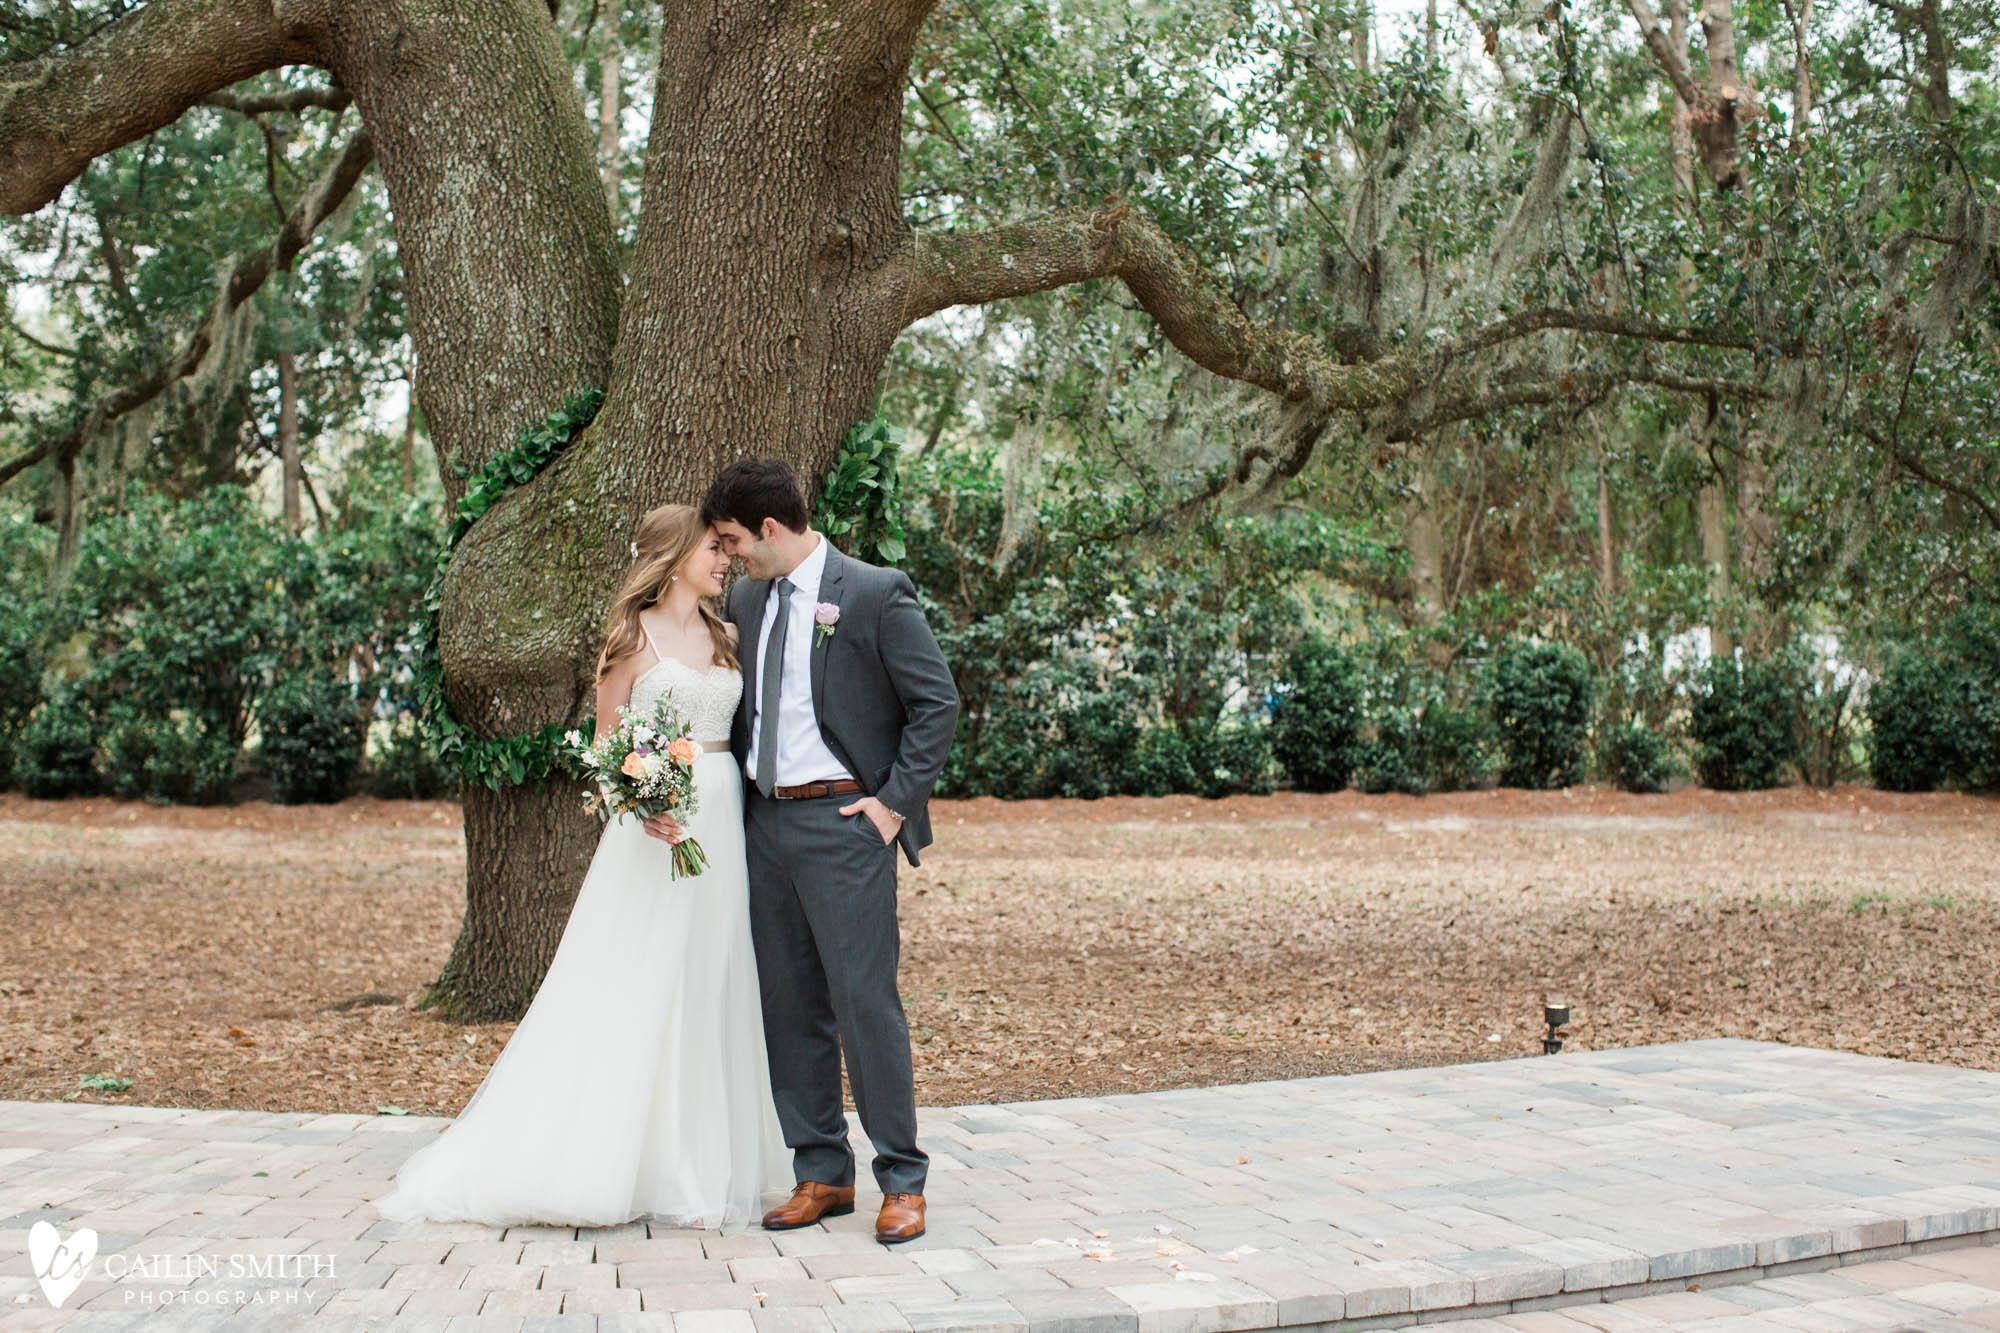 Sylvia_Anthony_Bowing_Oaks_Plantation_Wedding_Photography_0061.jpg